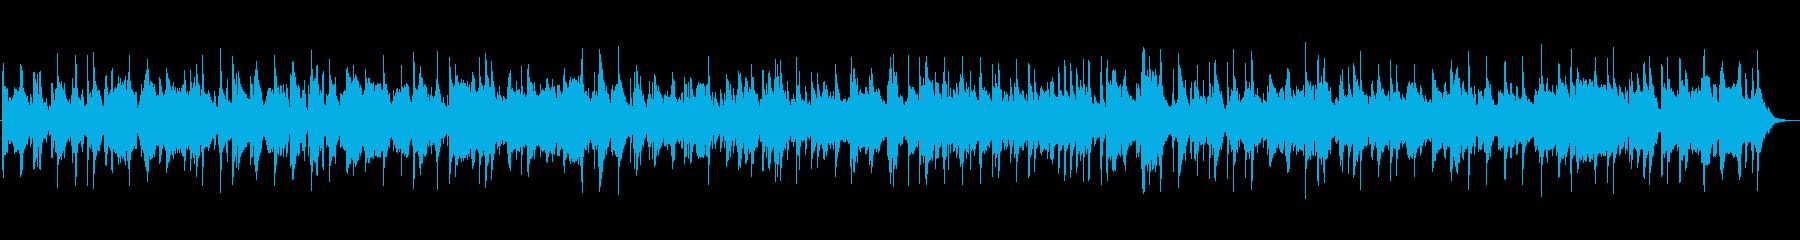 異国情緒漂うアコーディオンのワルツの再生済みの波形